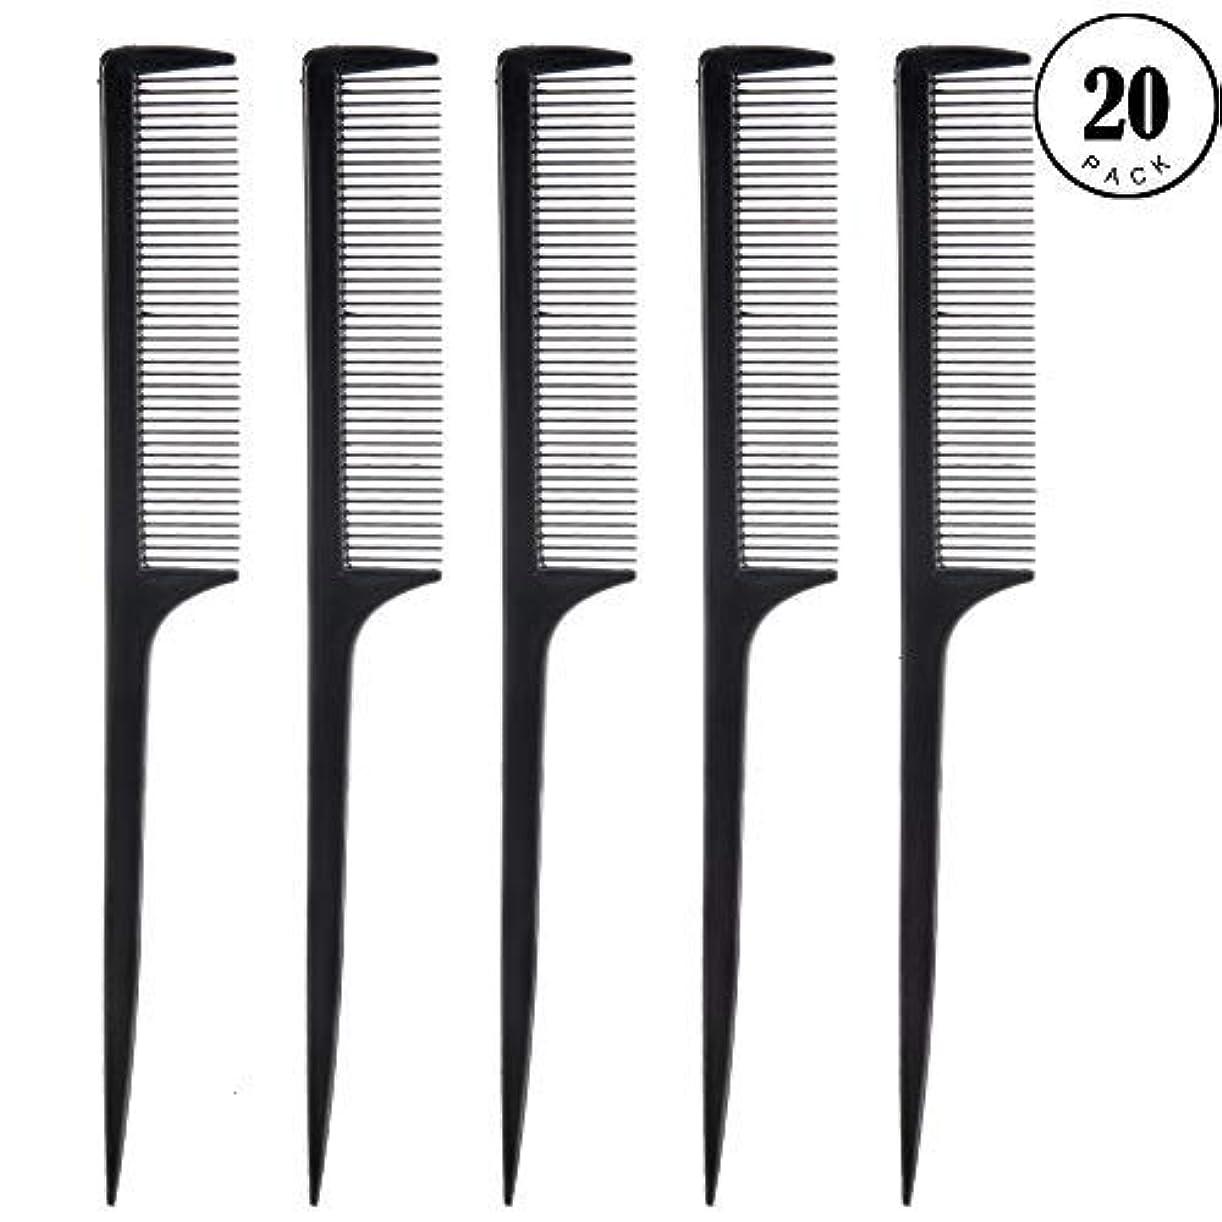 自分を引き上げる夫婦ピアFeeko Comb, 20 Pieces 21CM Plastic Lightweight Rat Tail Comb All Hair Types Black [並行輸入品]